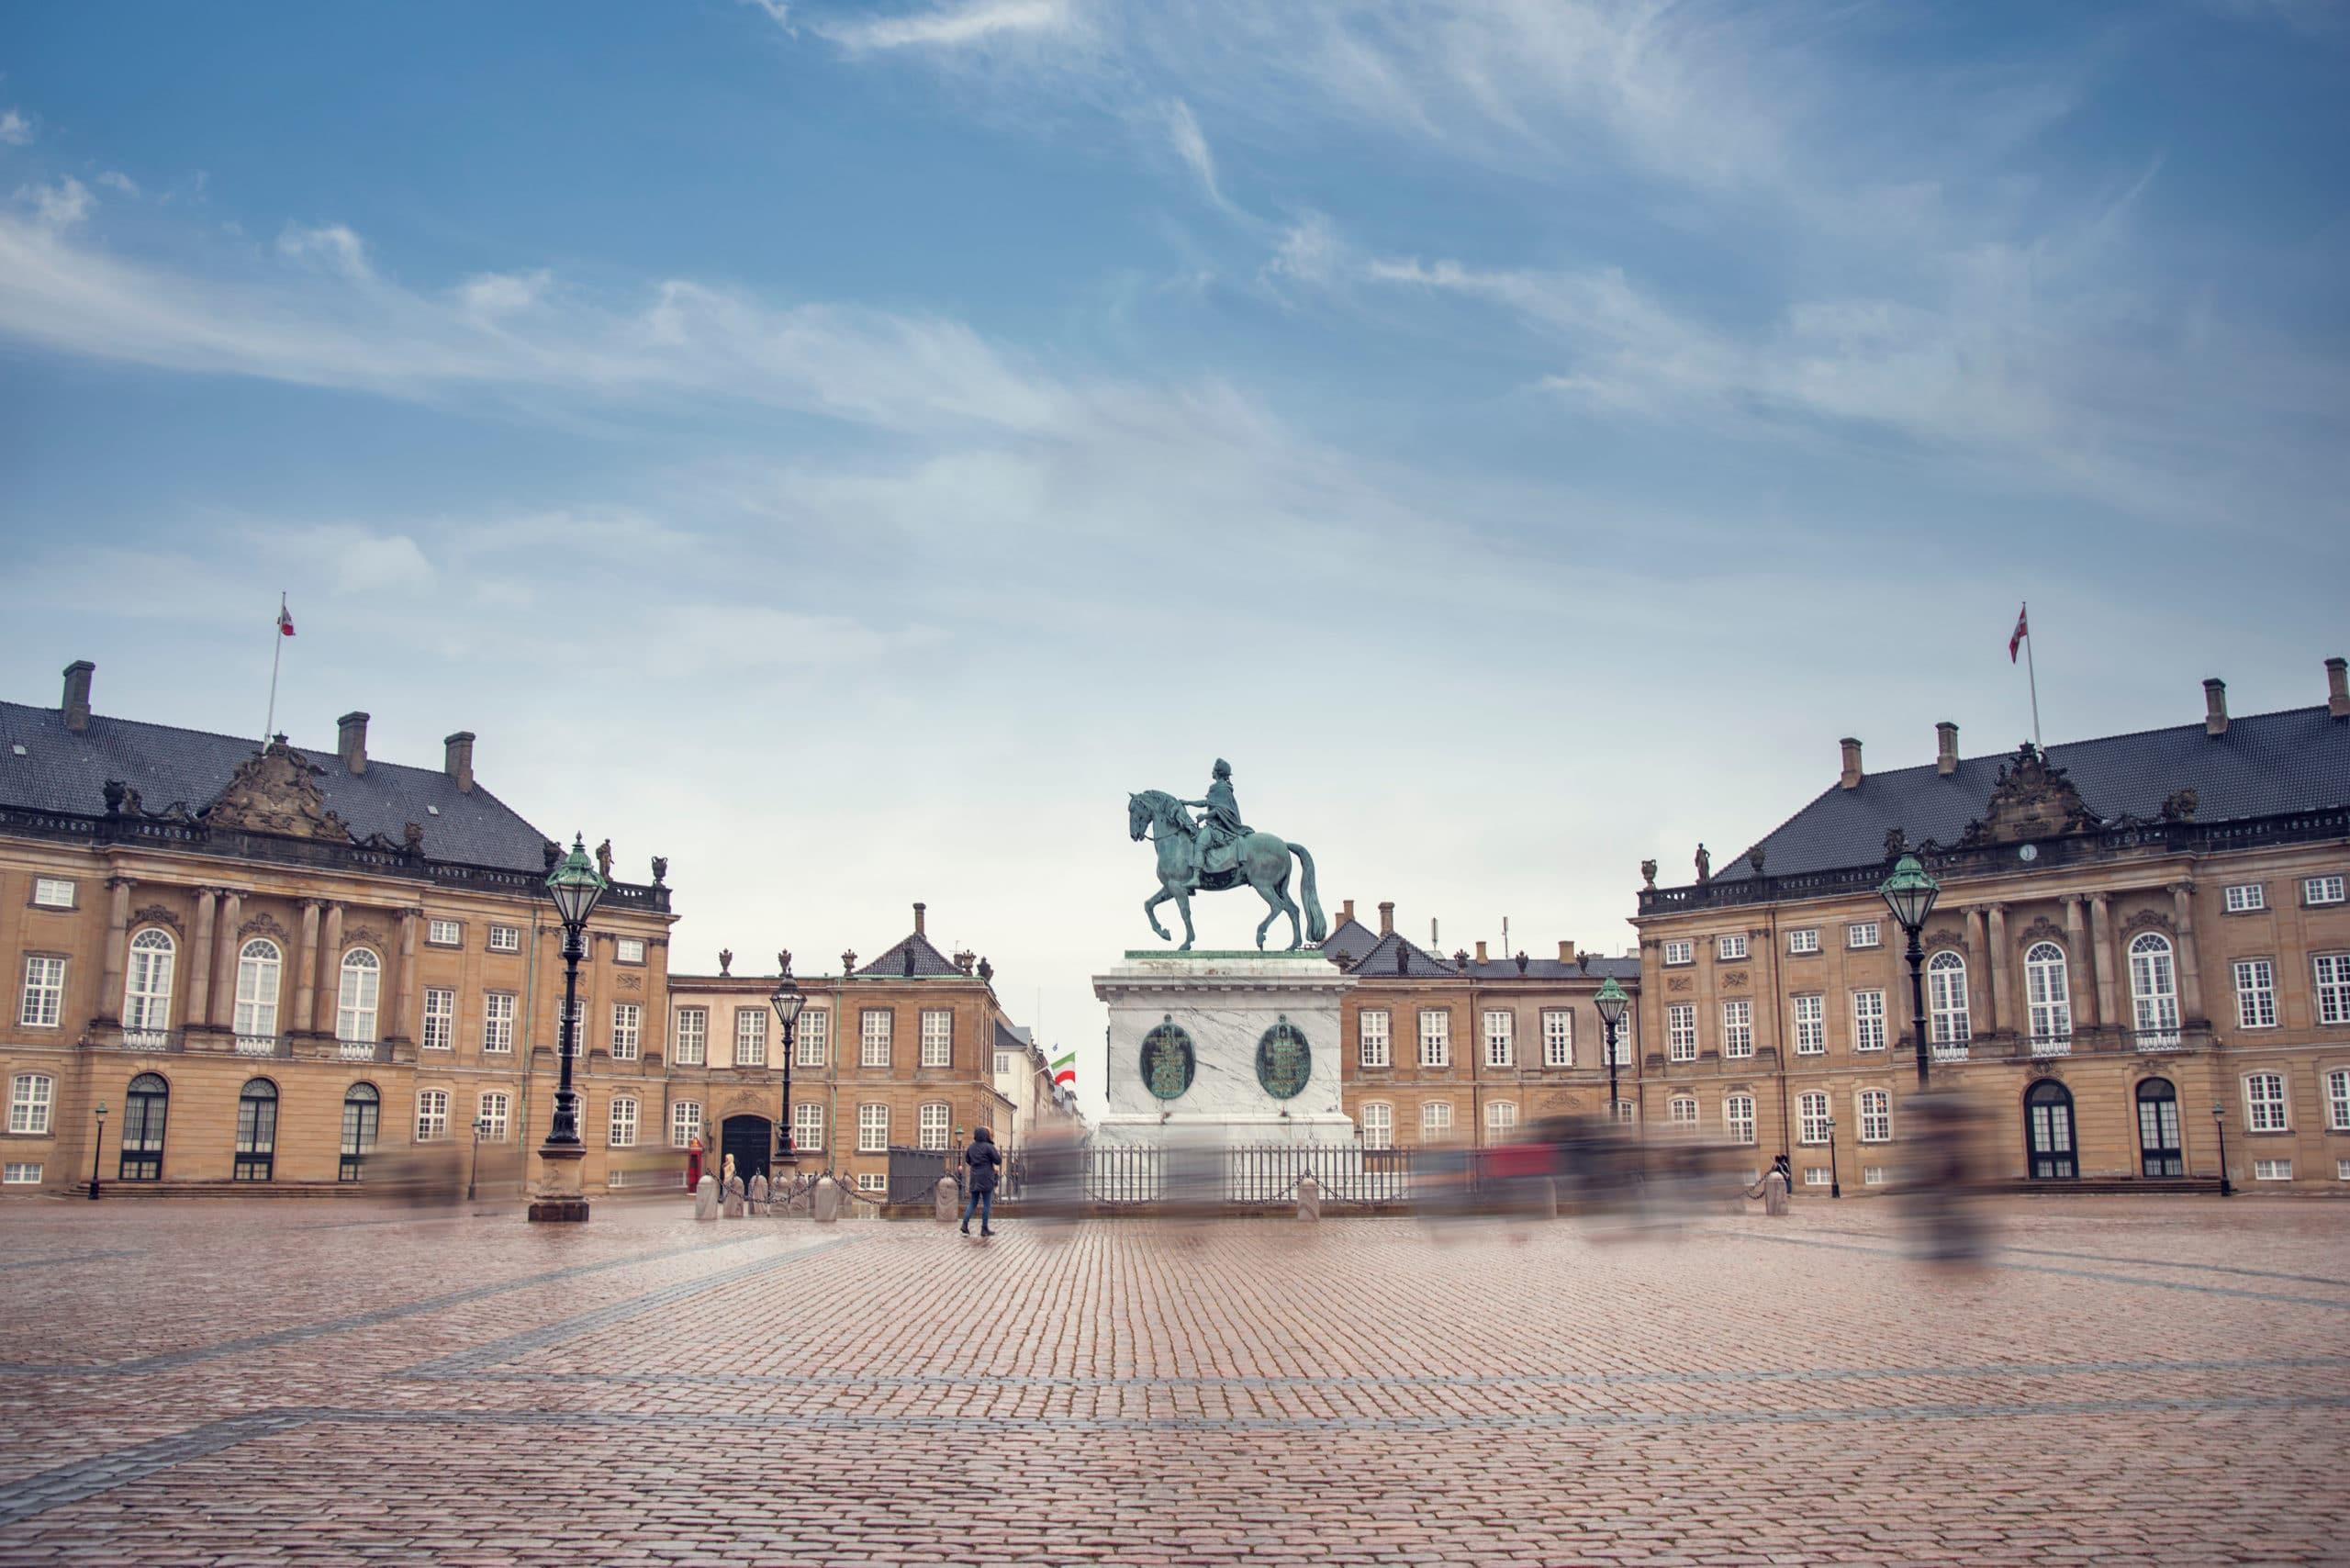 Royal Amailienborg Palace